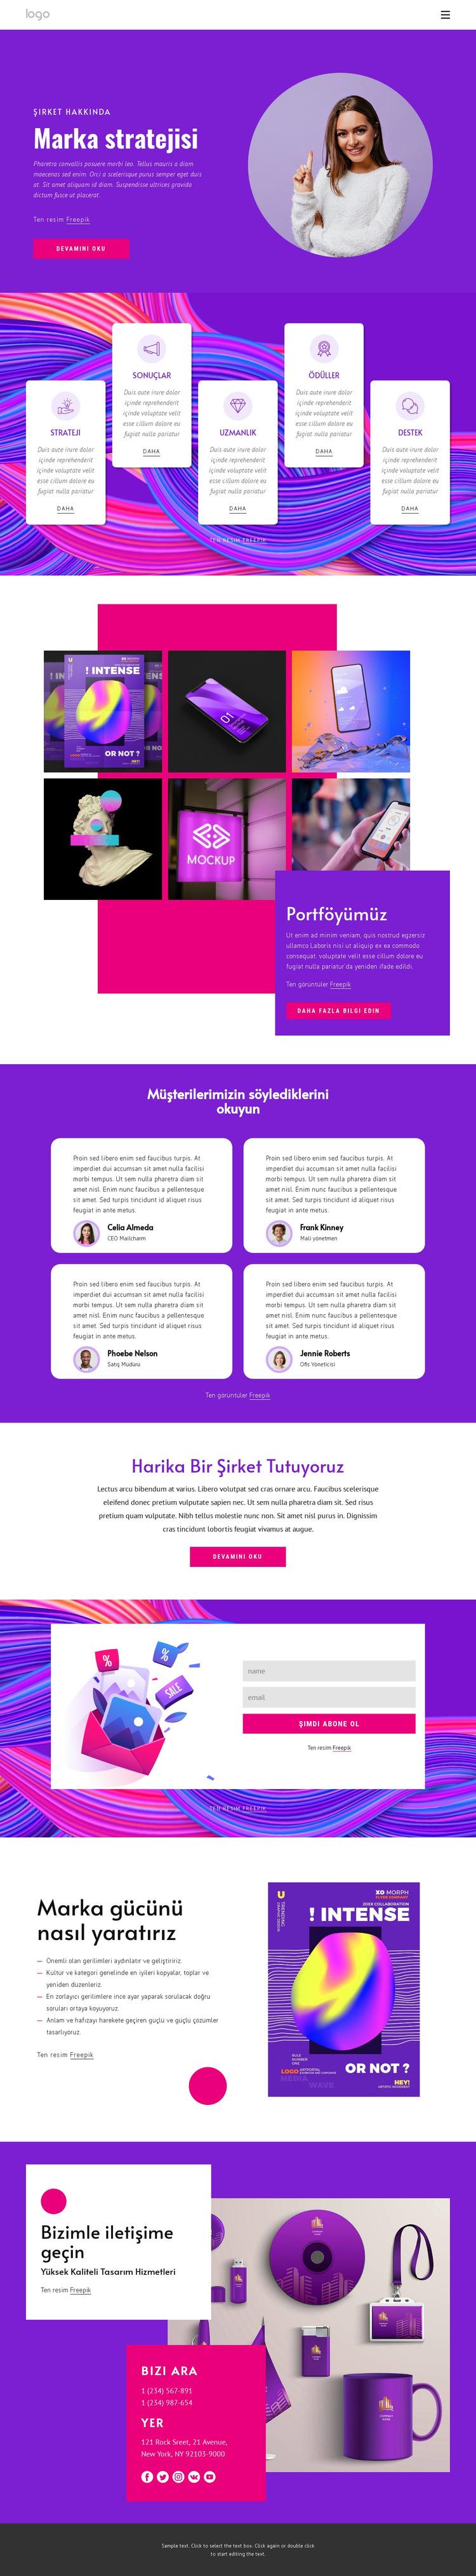 Marka stratejisi ajansı Web Sitesi Şablonu